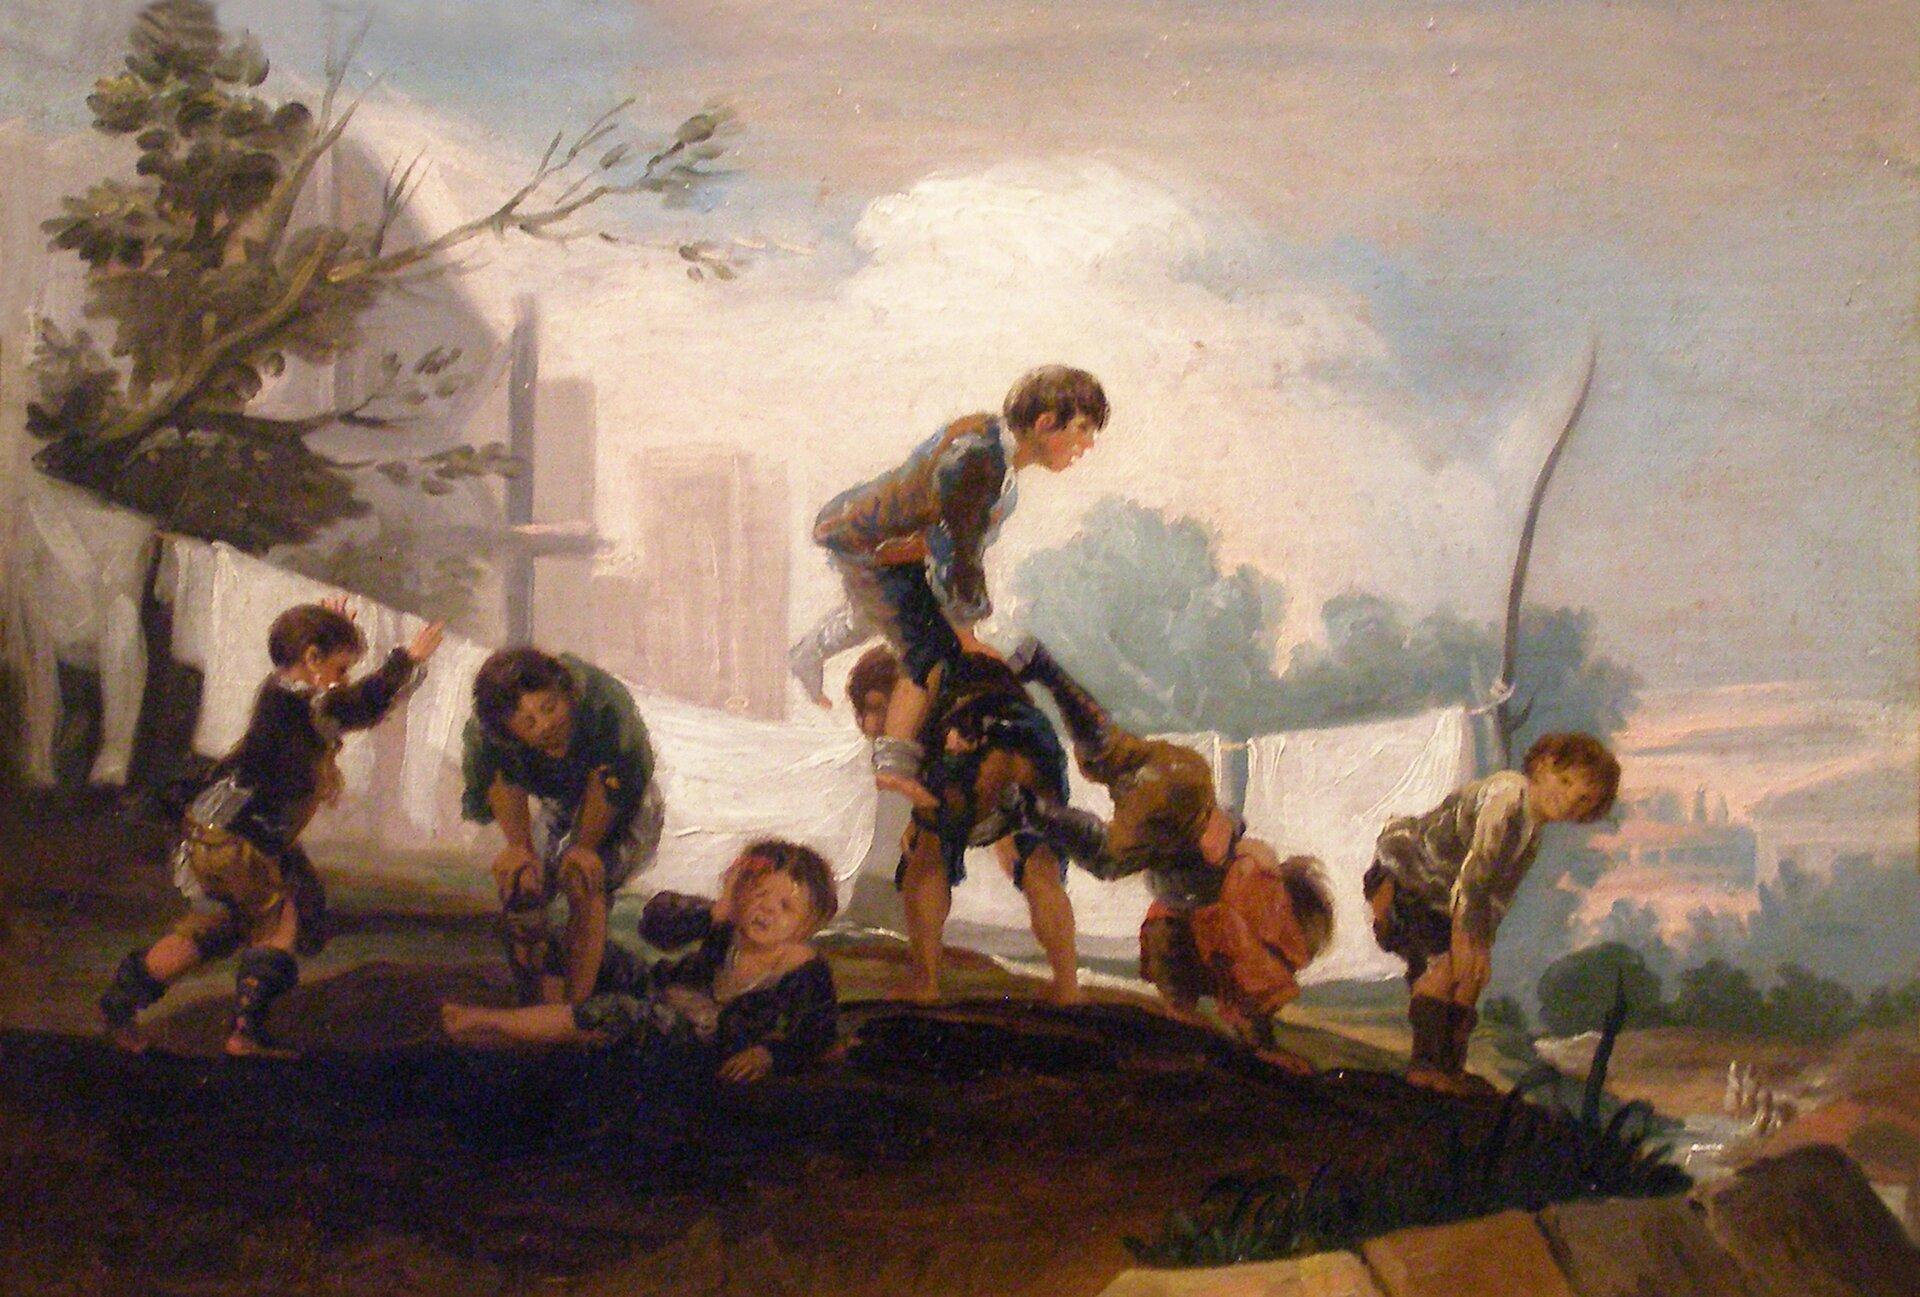 Zabawy dziecięce Dzieci przy zabawie pídola Źródło: Francisco Goya, Zabawy dziecięce, 1782–1785, domena publiczna.